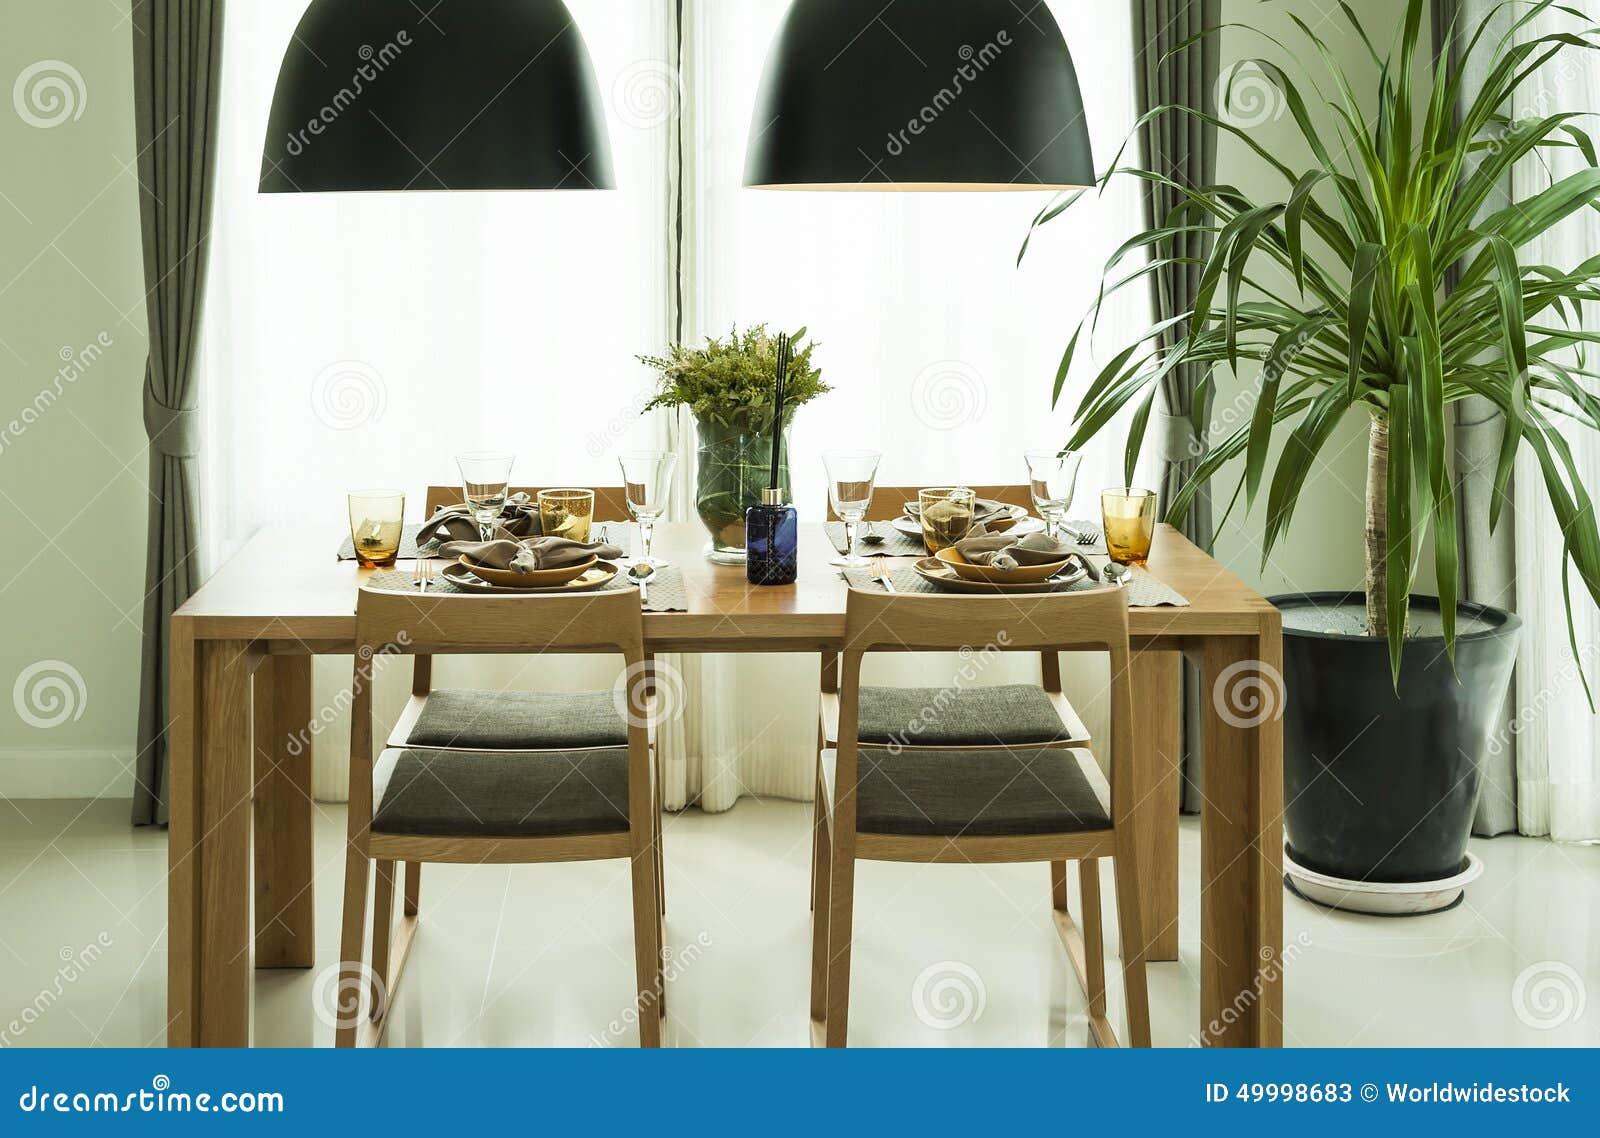 Table de salle à manger et chaises confortables dans la maison ...